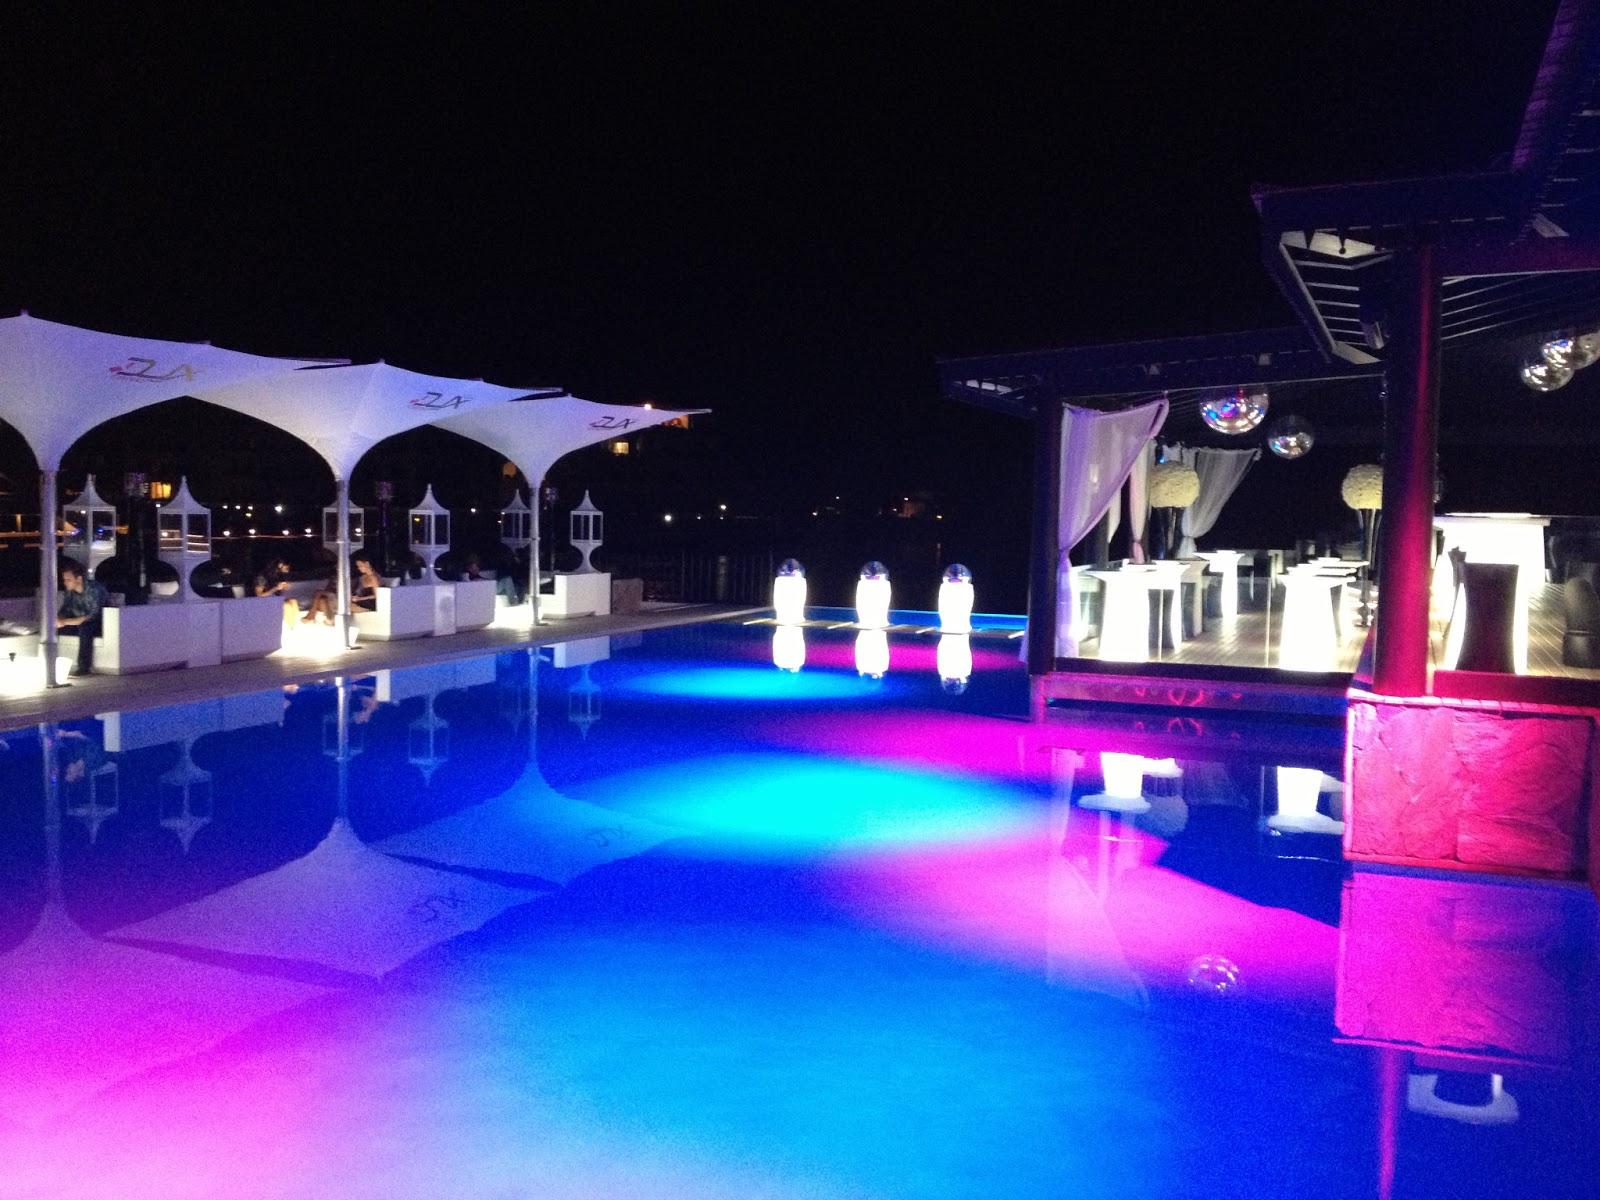 Arquitectura y construccion dux en cap cana - Luces piscina led ...